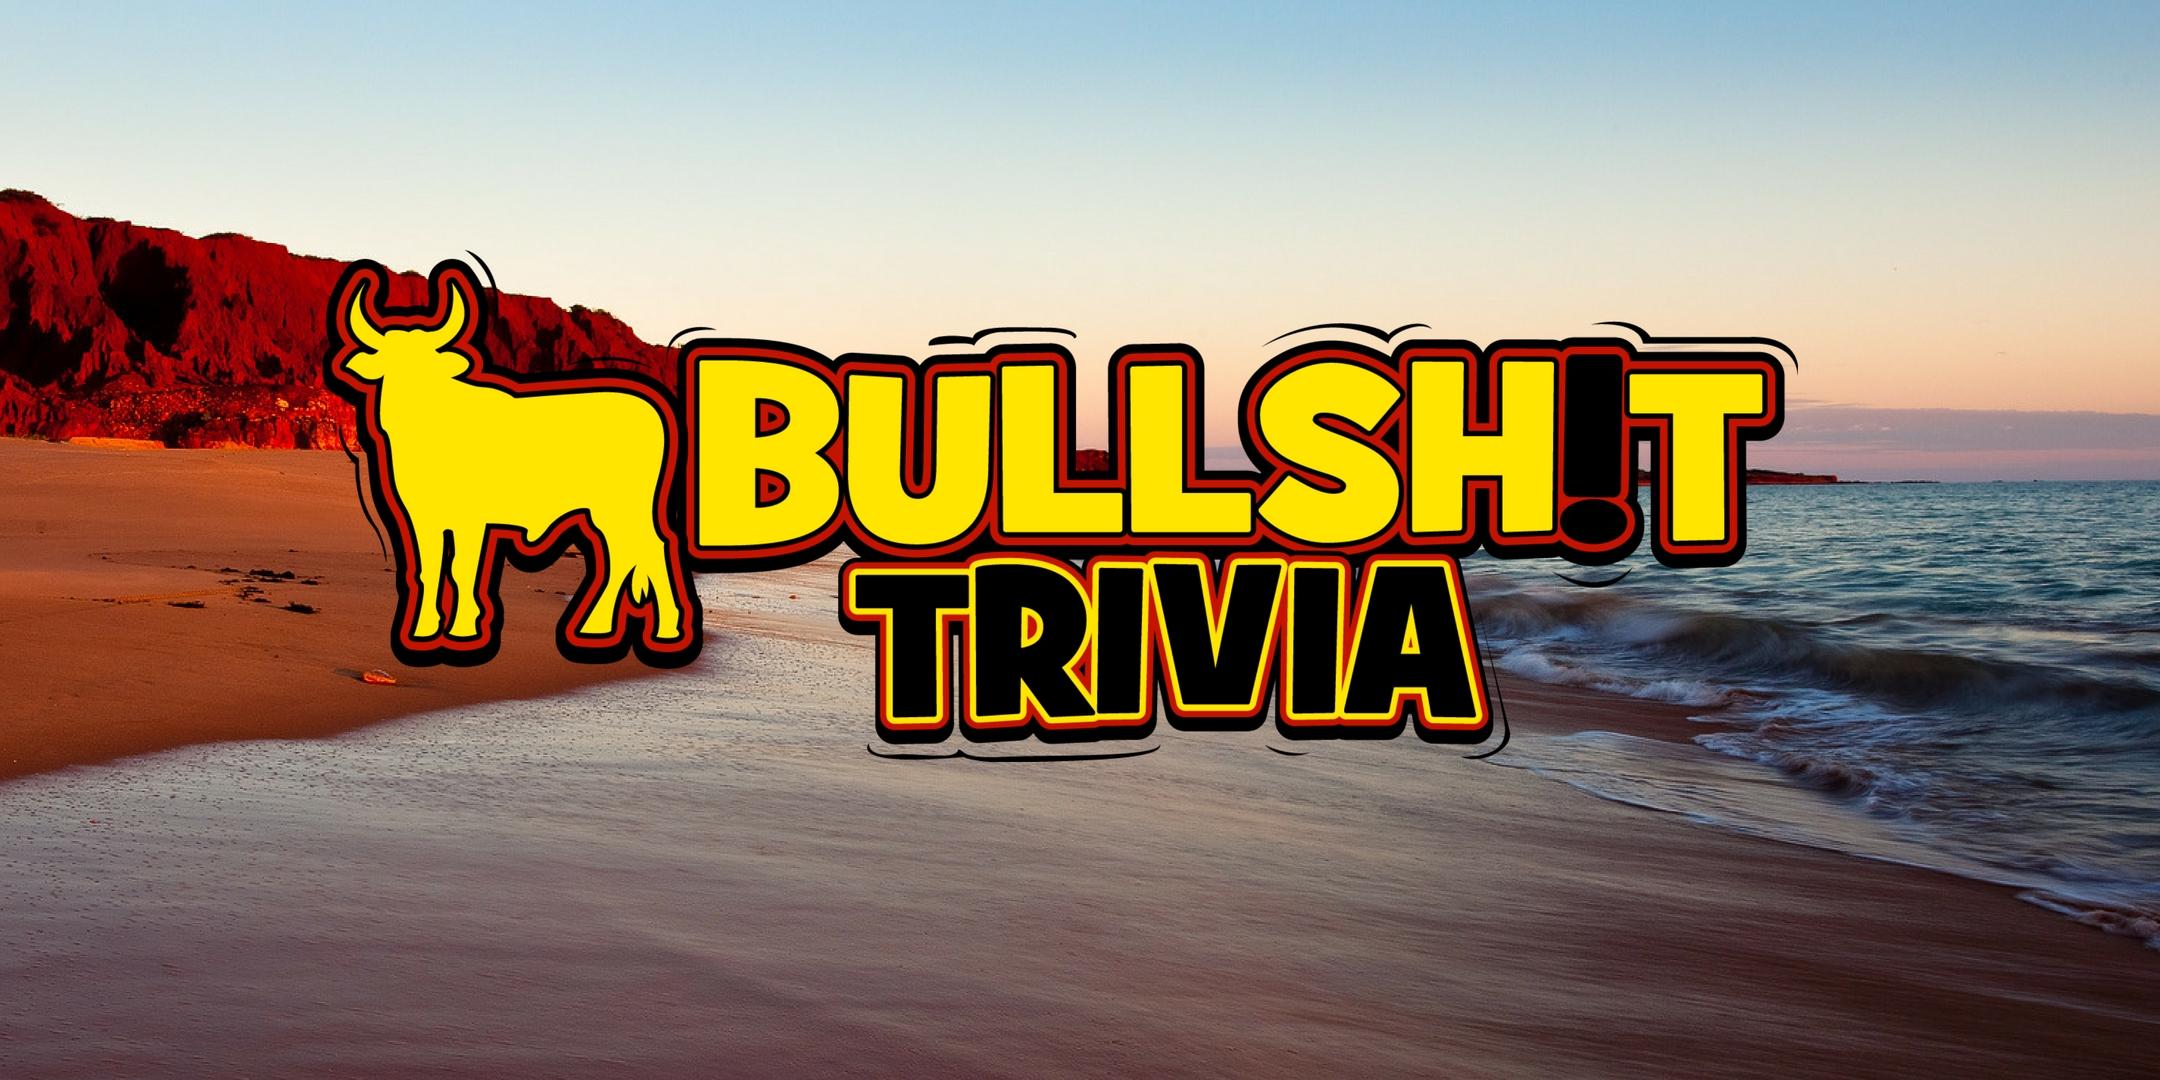 BULLSH!T TRIVIA